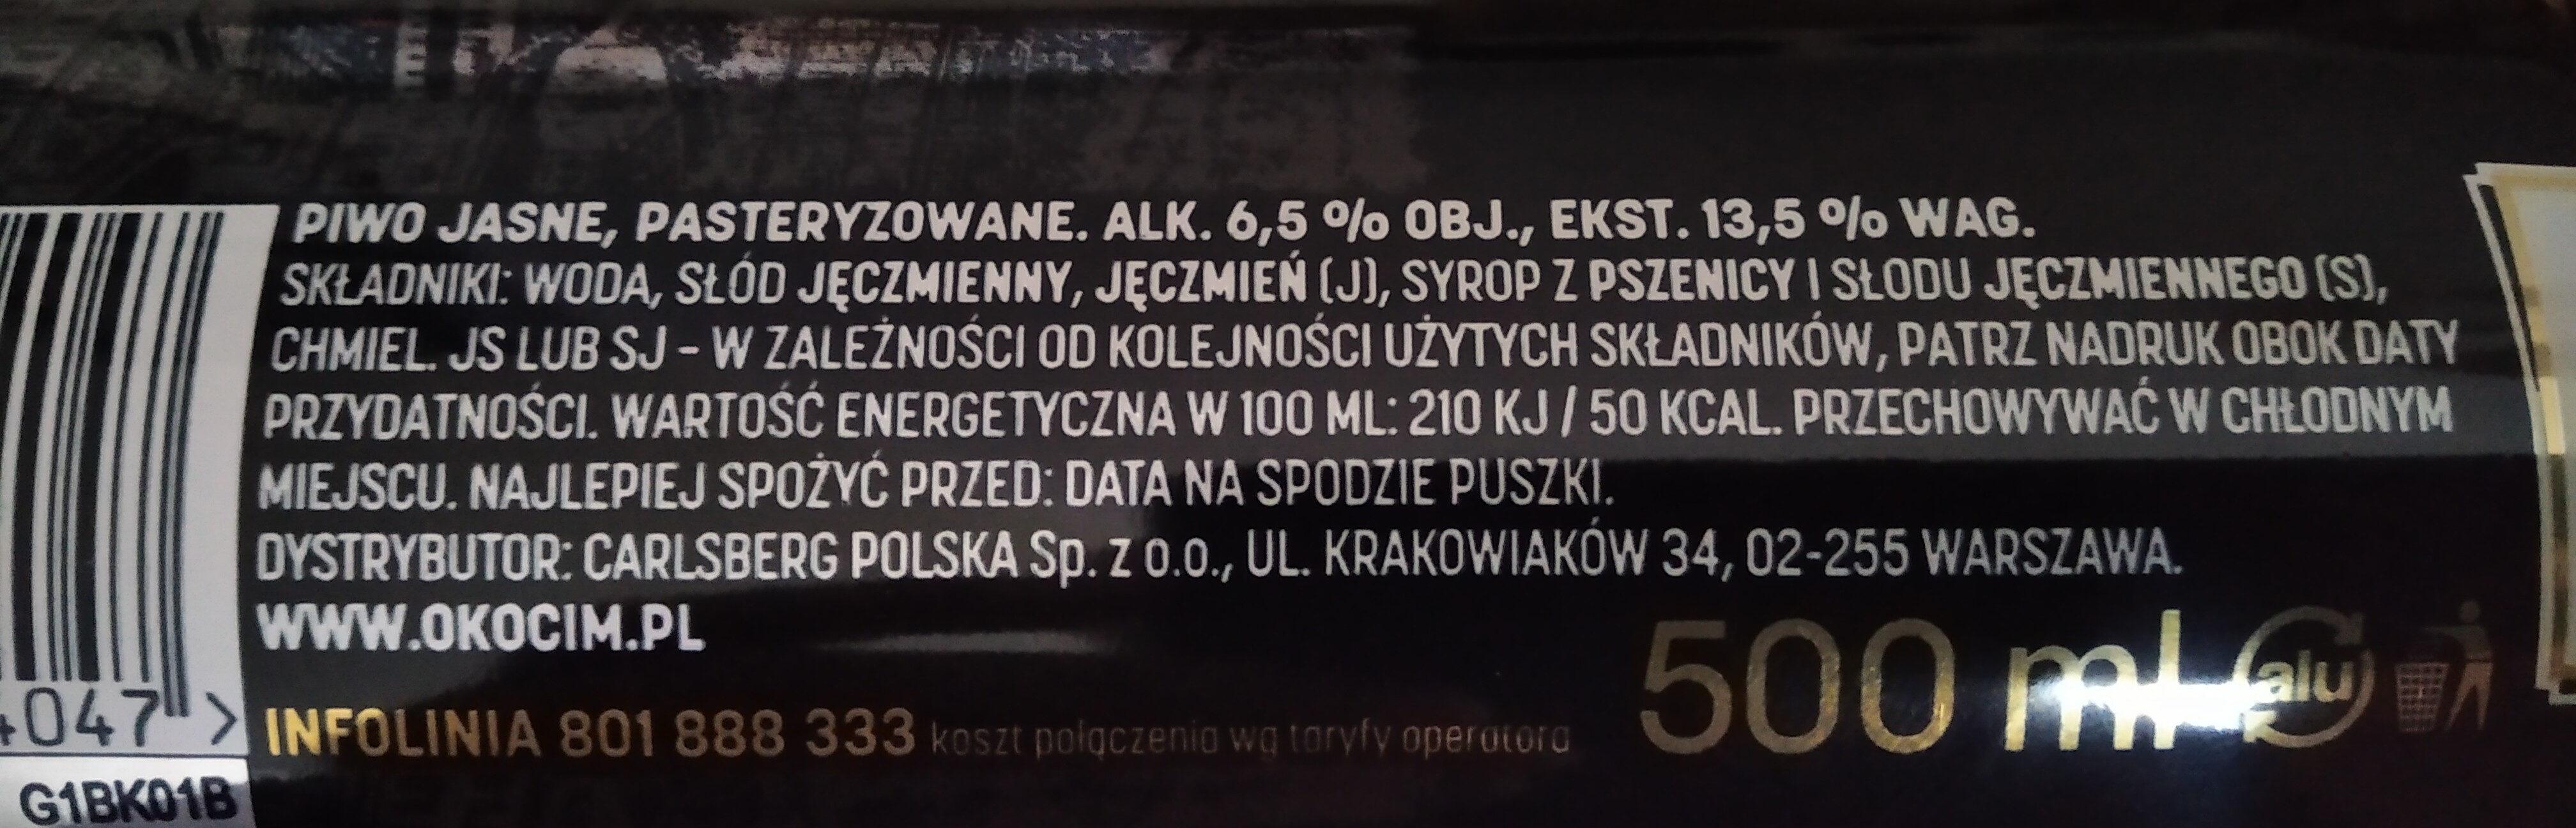 Okocim Mocne - Nutrition facts - pl